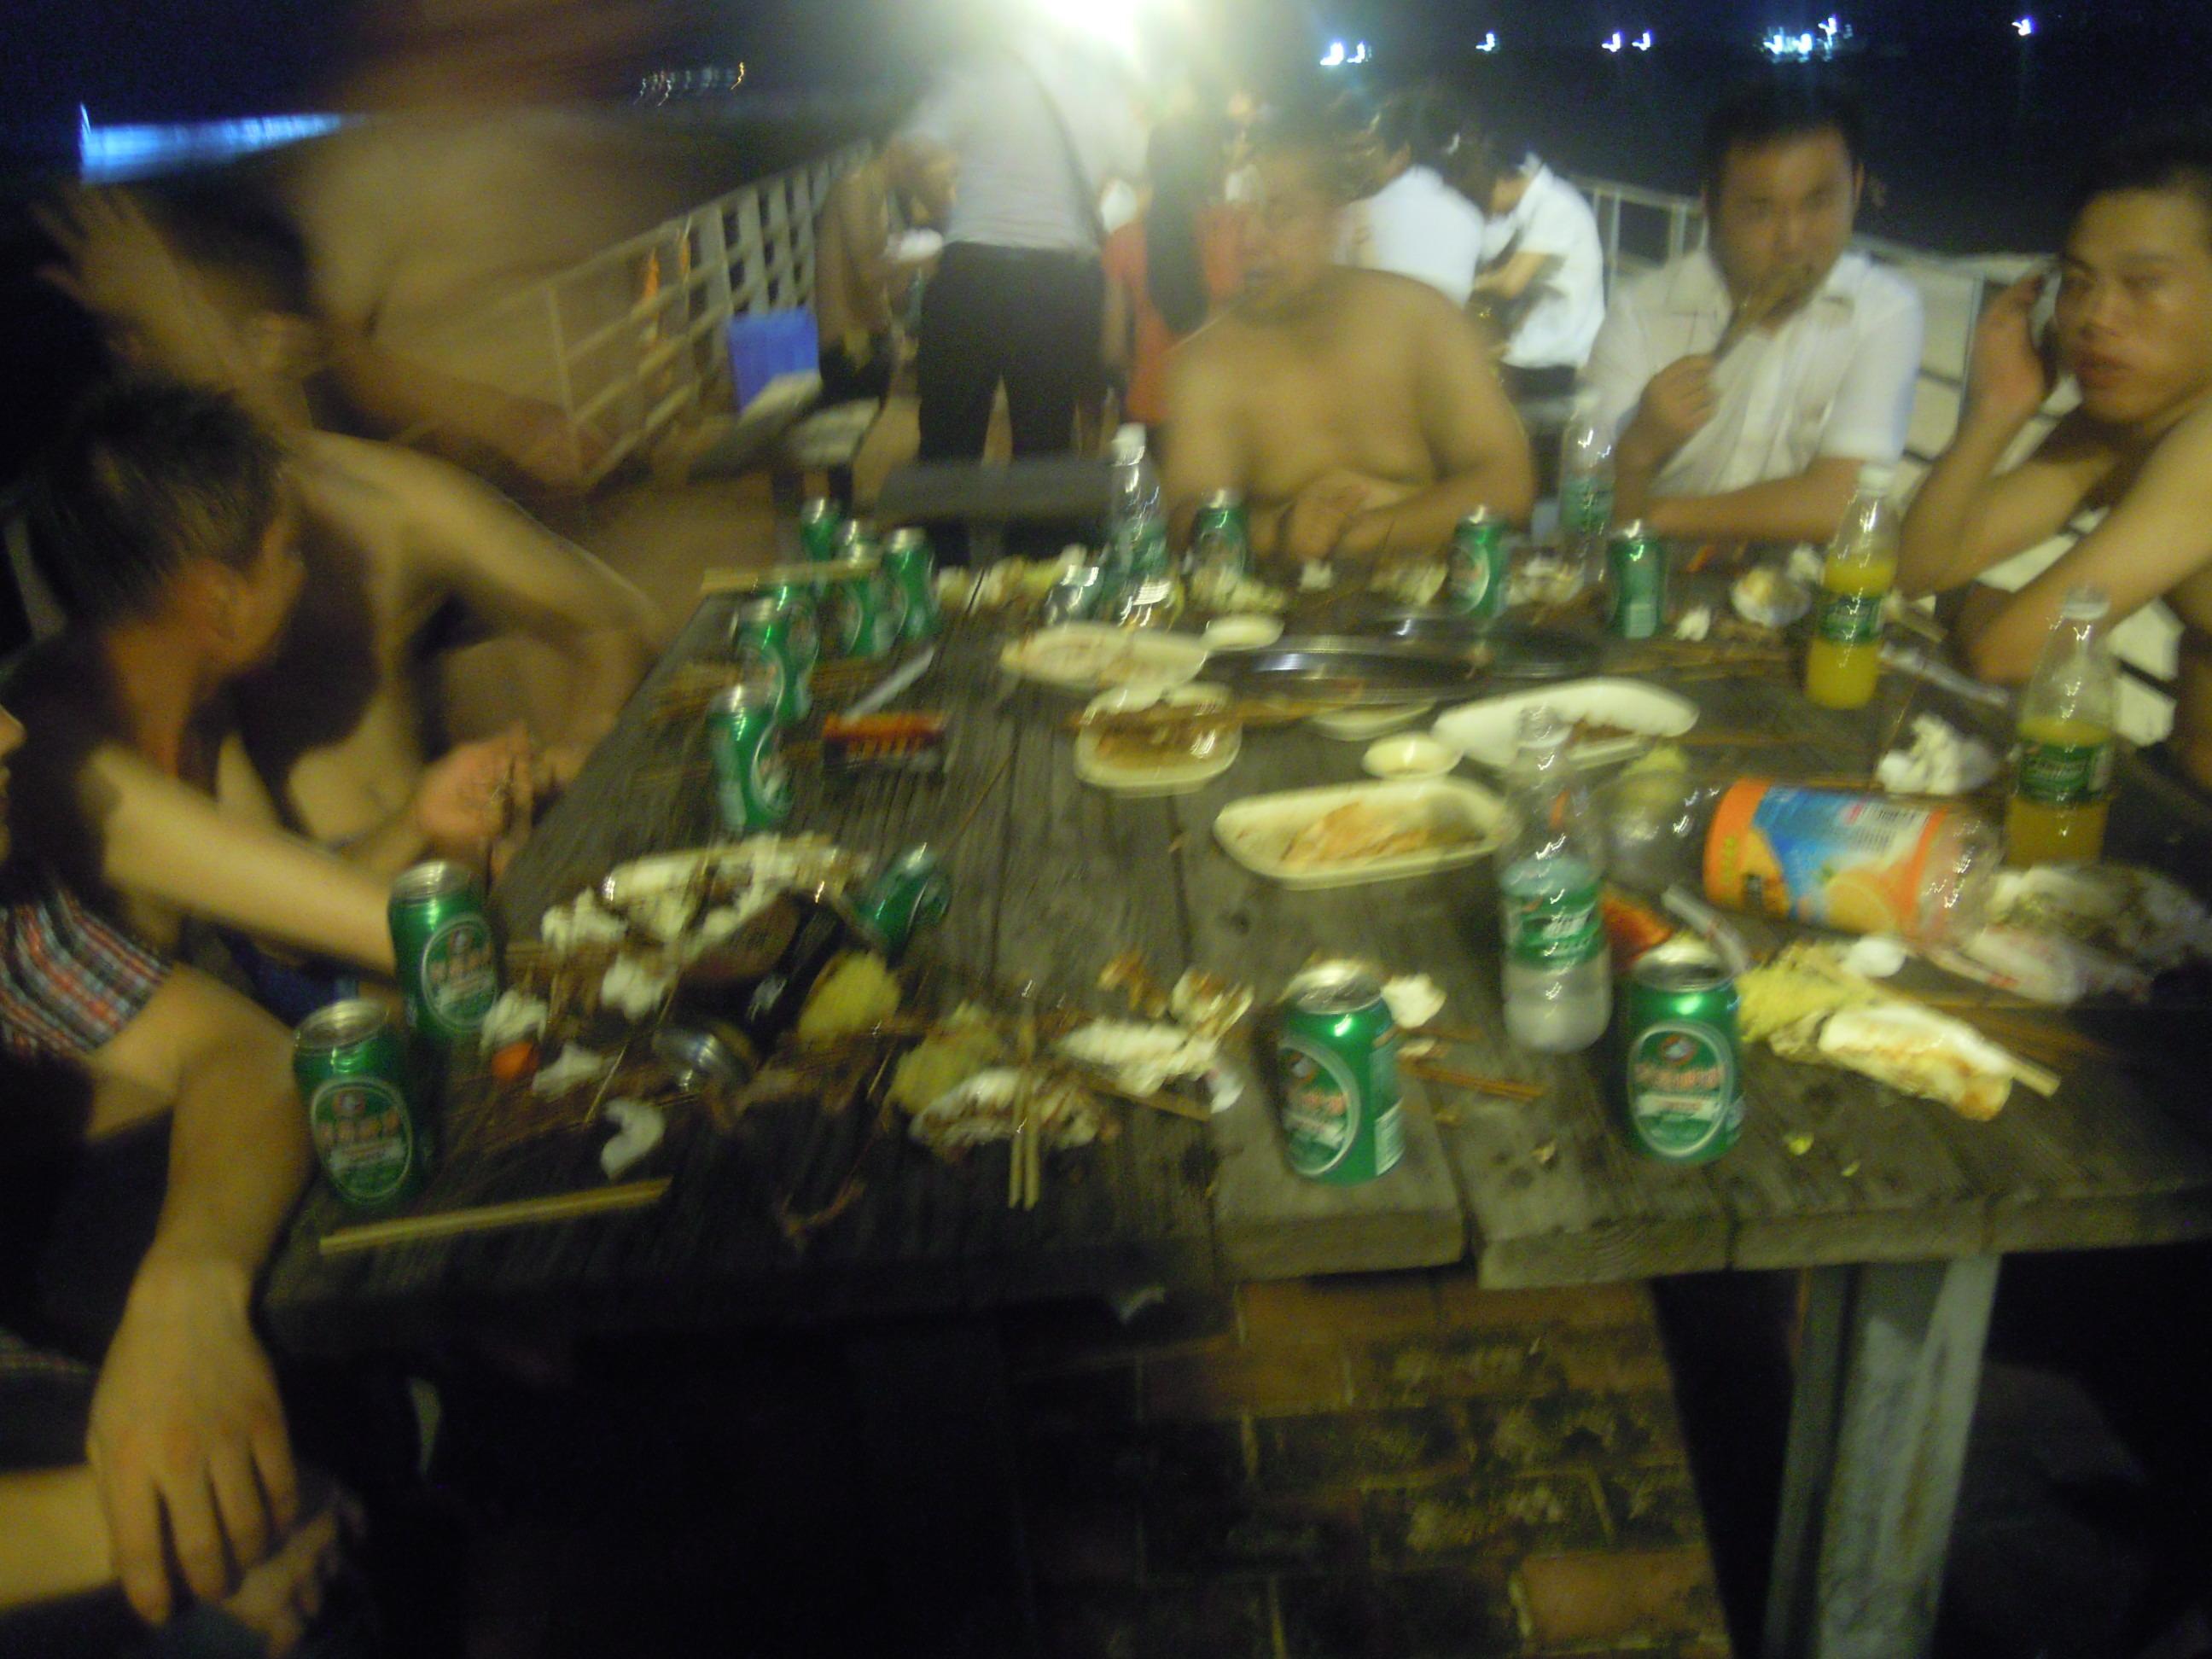 夜晚,沙滩,游艇,烧烤,员工海边聚会